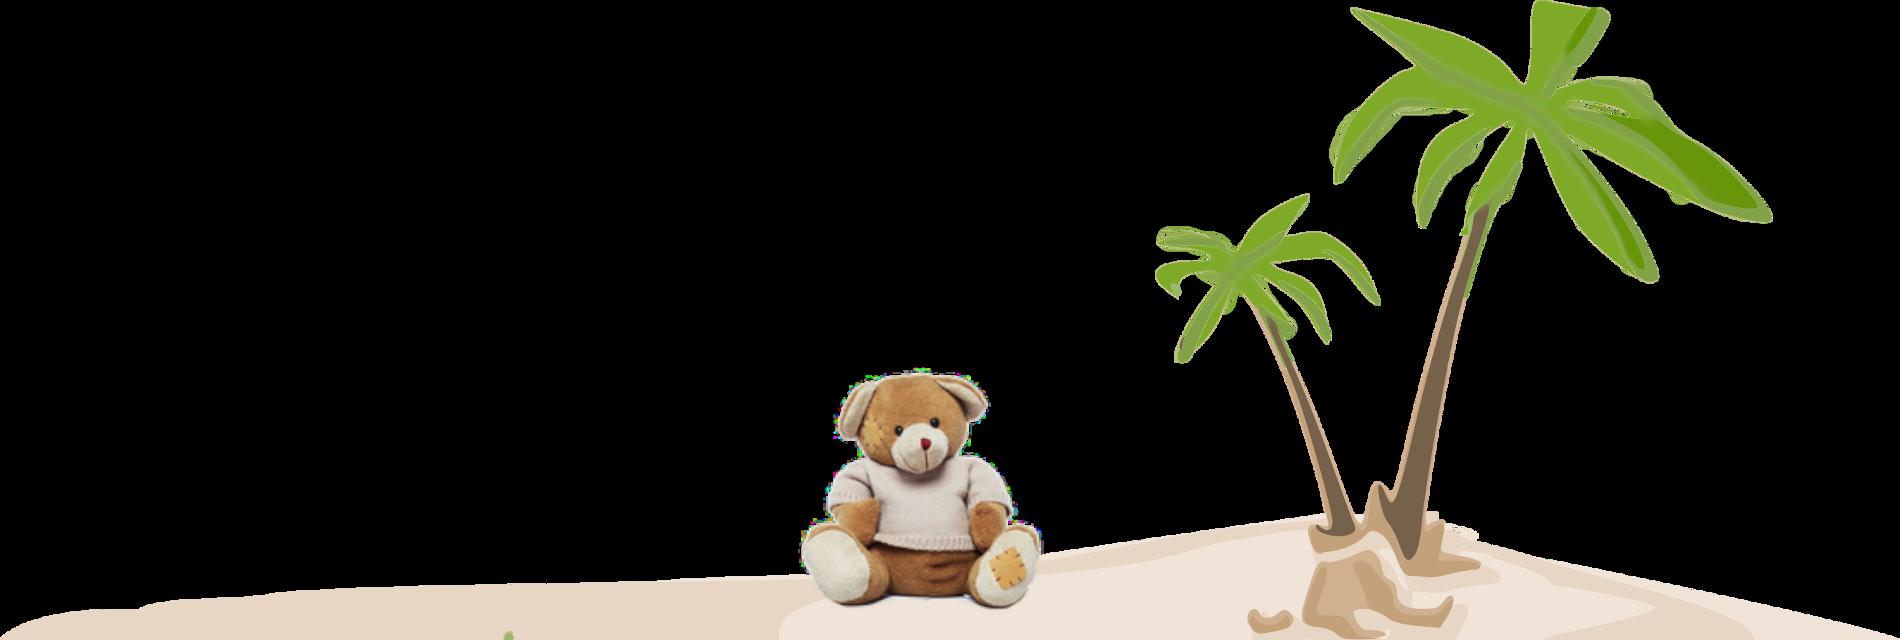 Kinderbetreuung bilingual creche französisch Insel